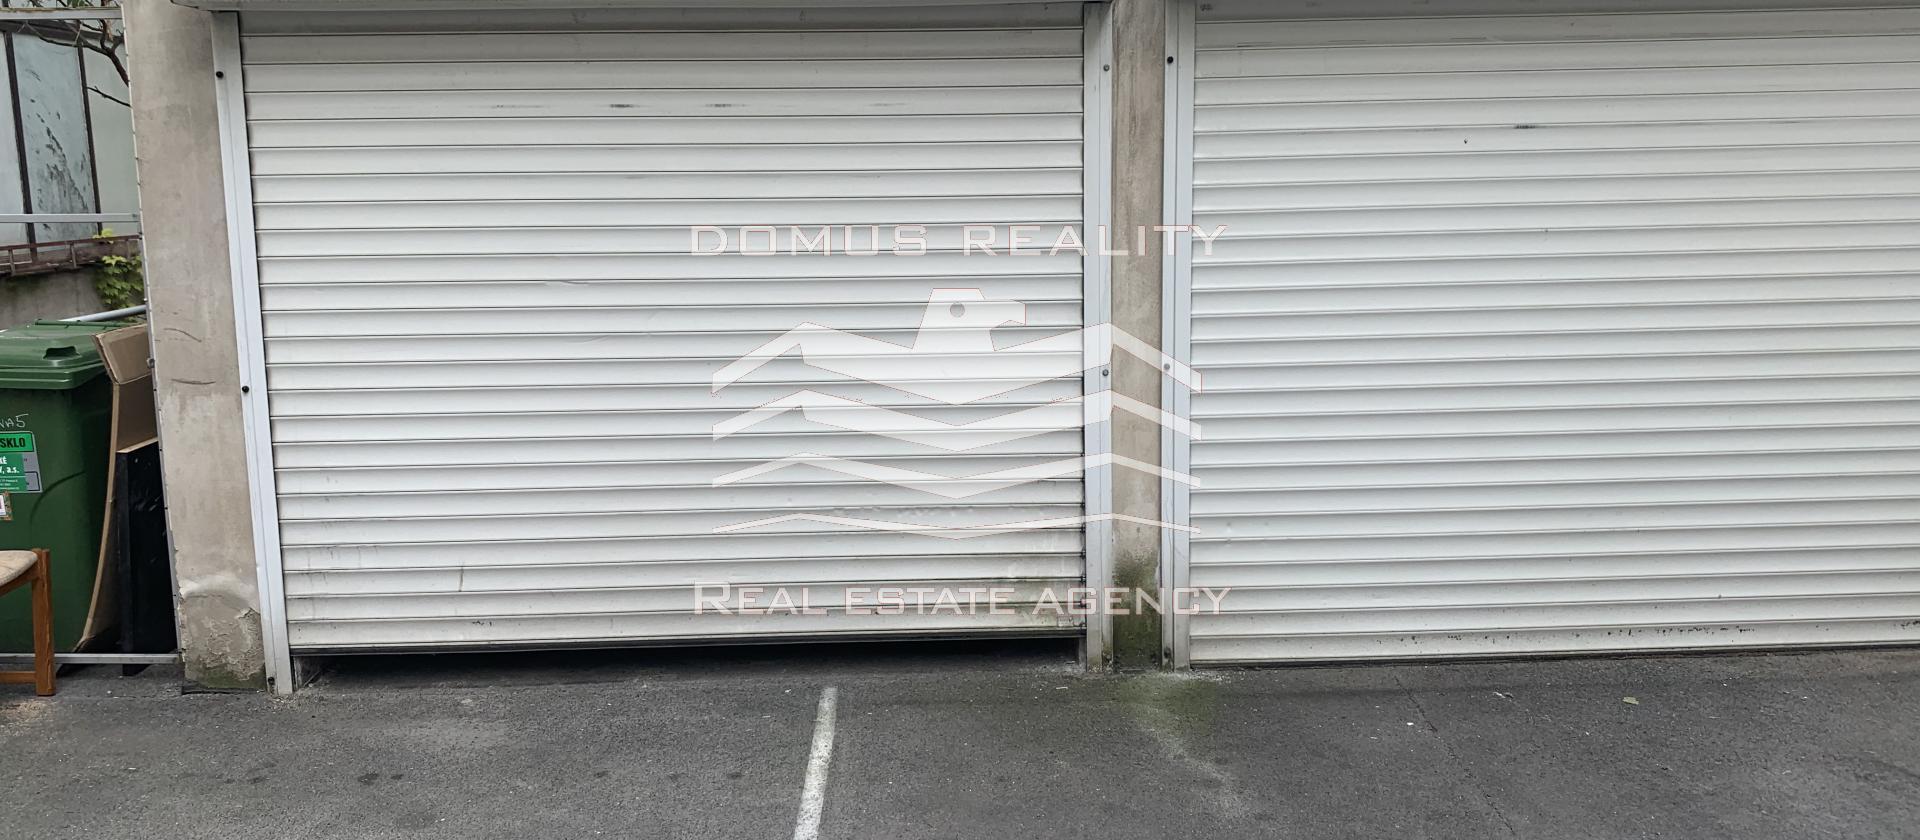 Nabízíme k pronájmu 2 samostatné garáže (k parkování či uskladnění věcí),